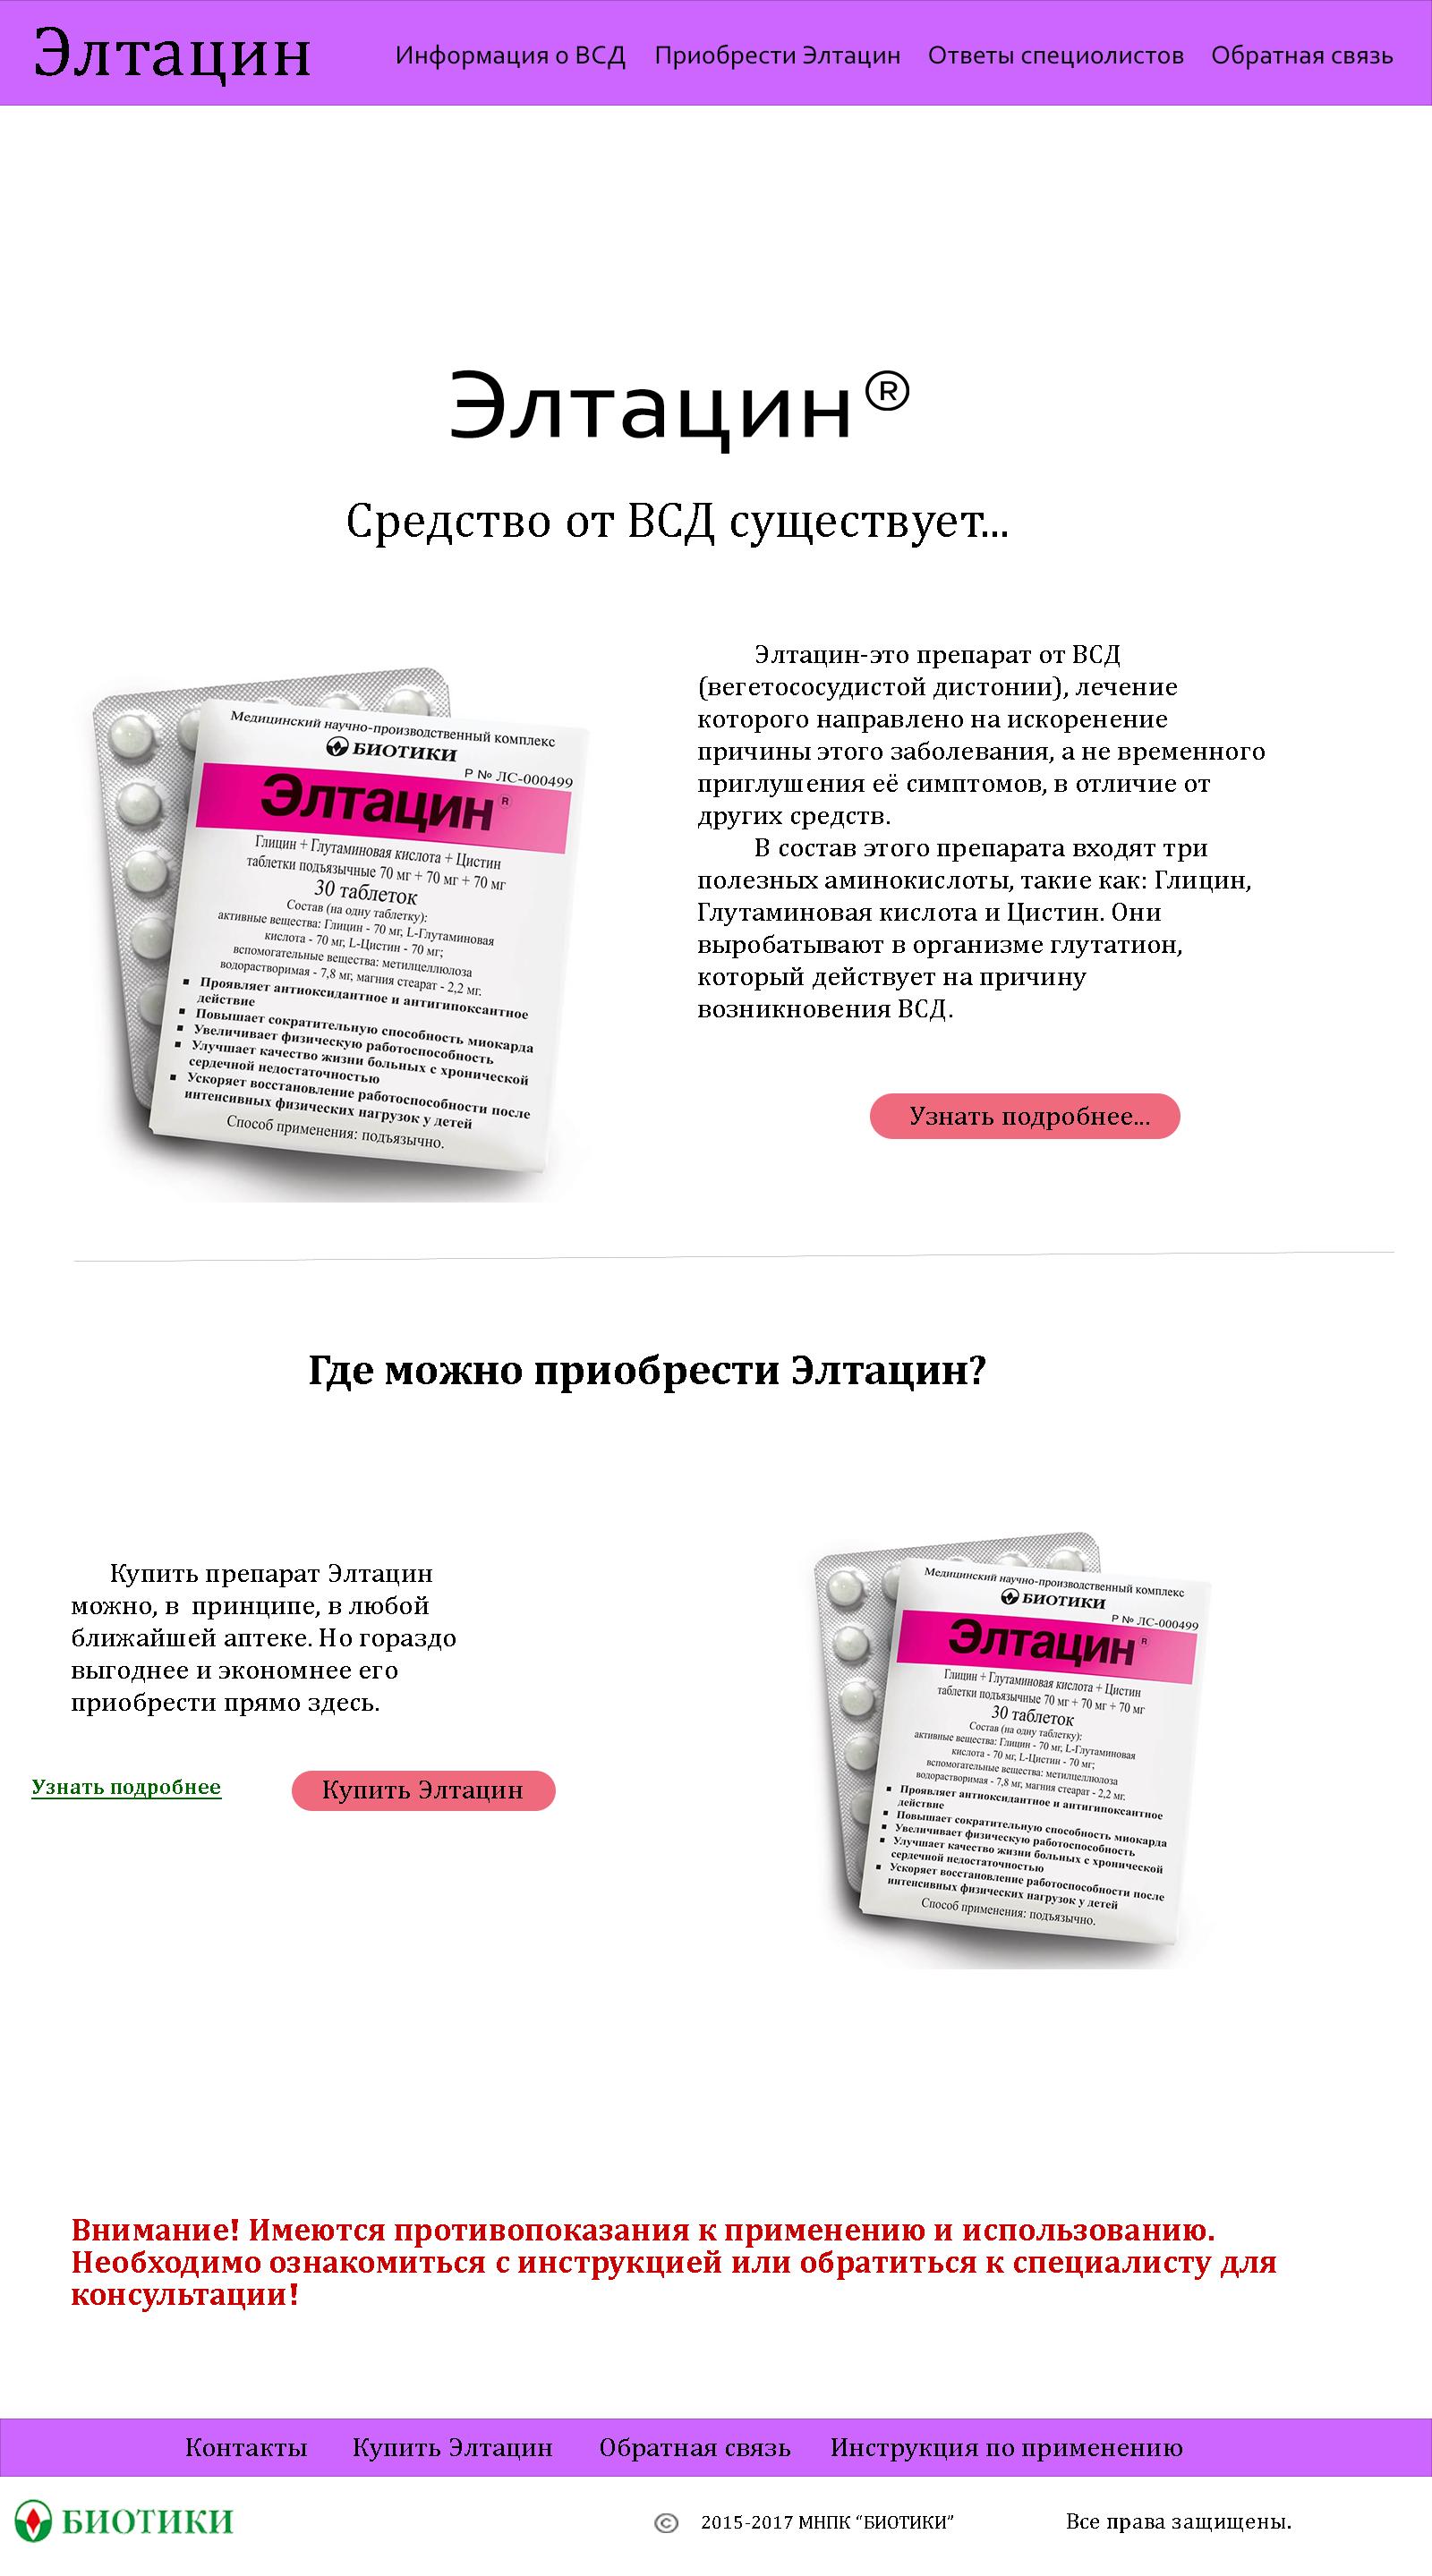 Дизайн главной страницы сайта лекарственного препарата фото f_8035c879f60eab4e.png